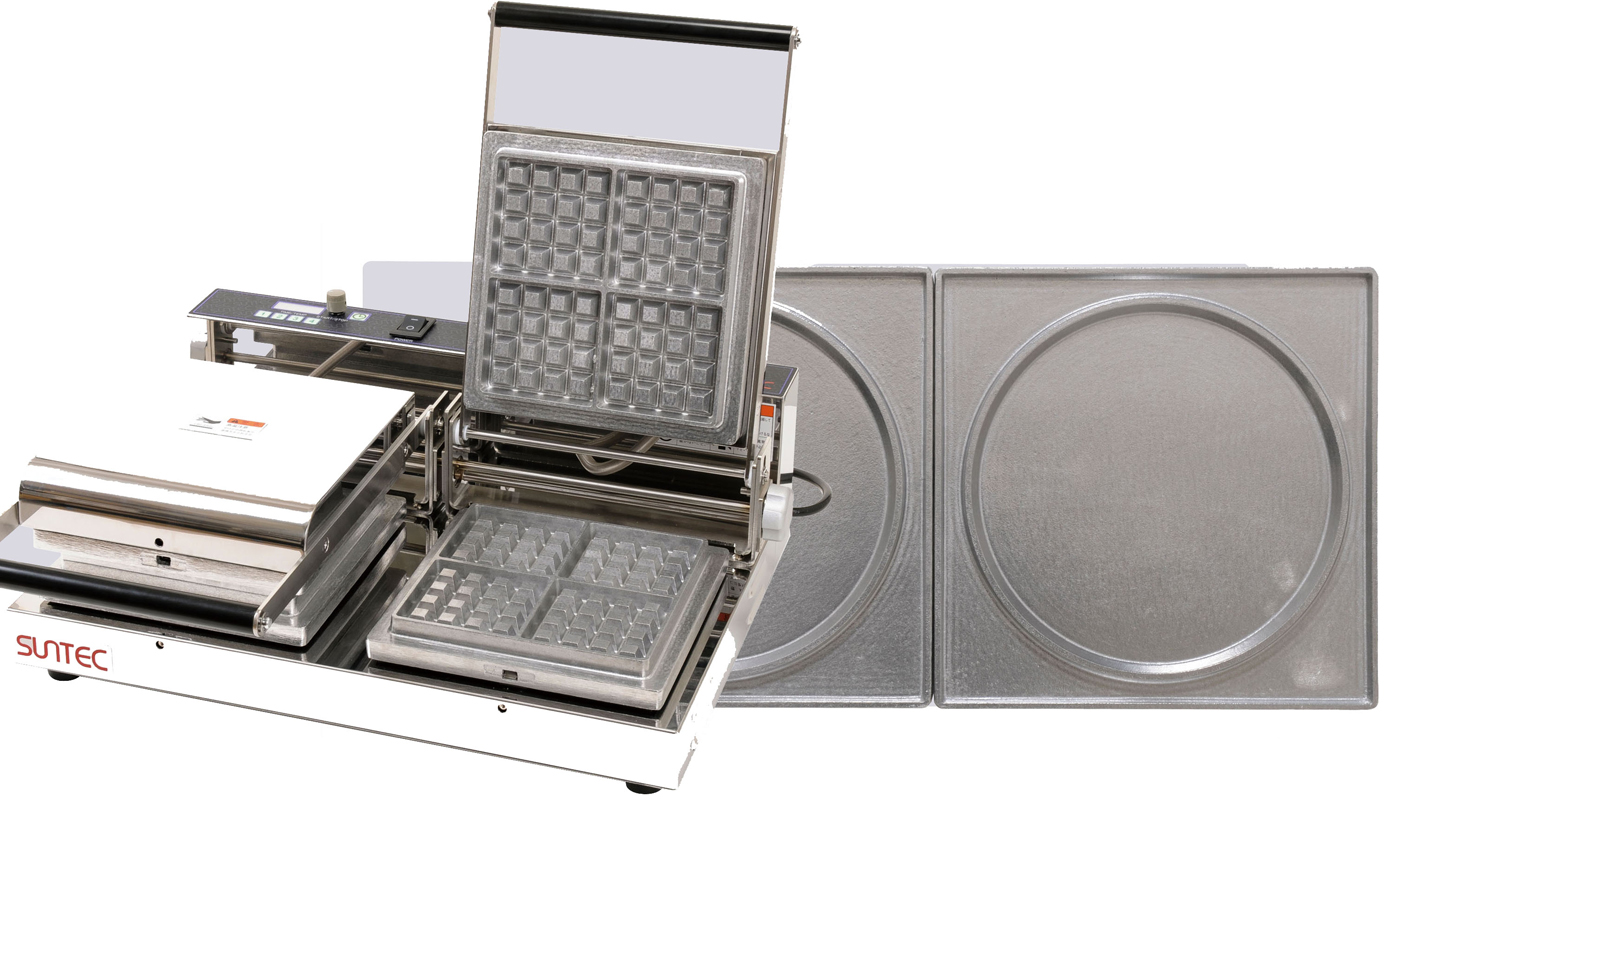 マルチベーカー MAX-2 2連式 パンケーキ [運賃別途お見積り] [メーカー直送 代引き不可] 【厨房用品 軽食 鉄板焼用品 ファーストフード関連品 業務用 販売 通販】 [7-0909-0306 6-0860-0306 ]